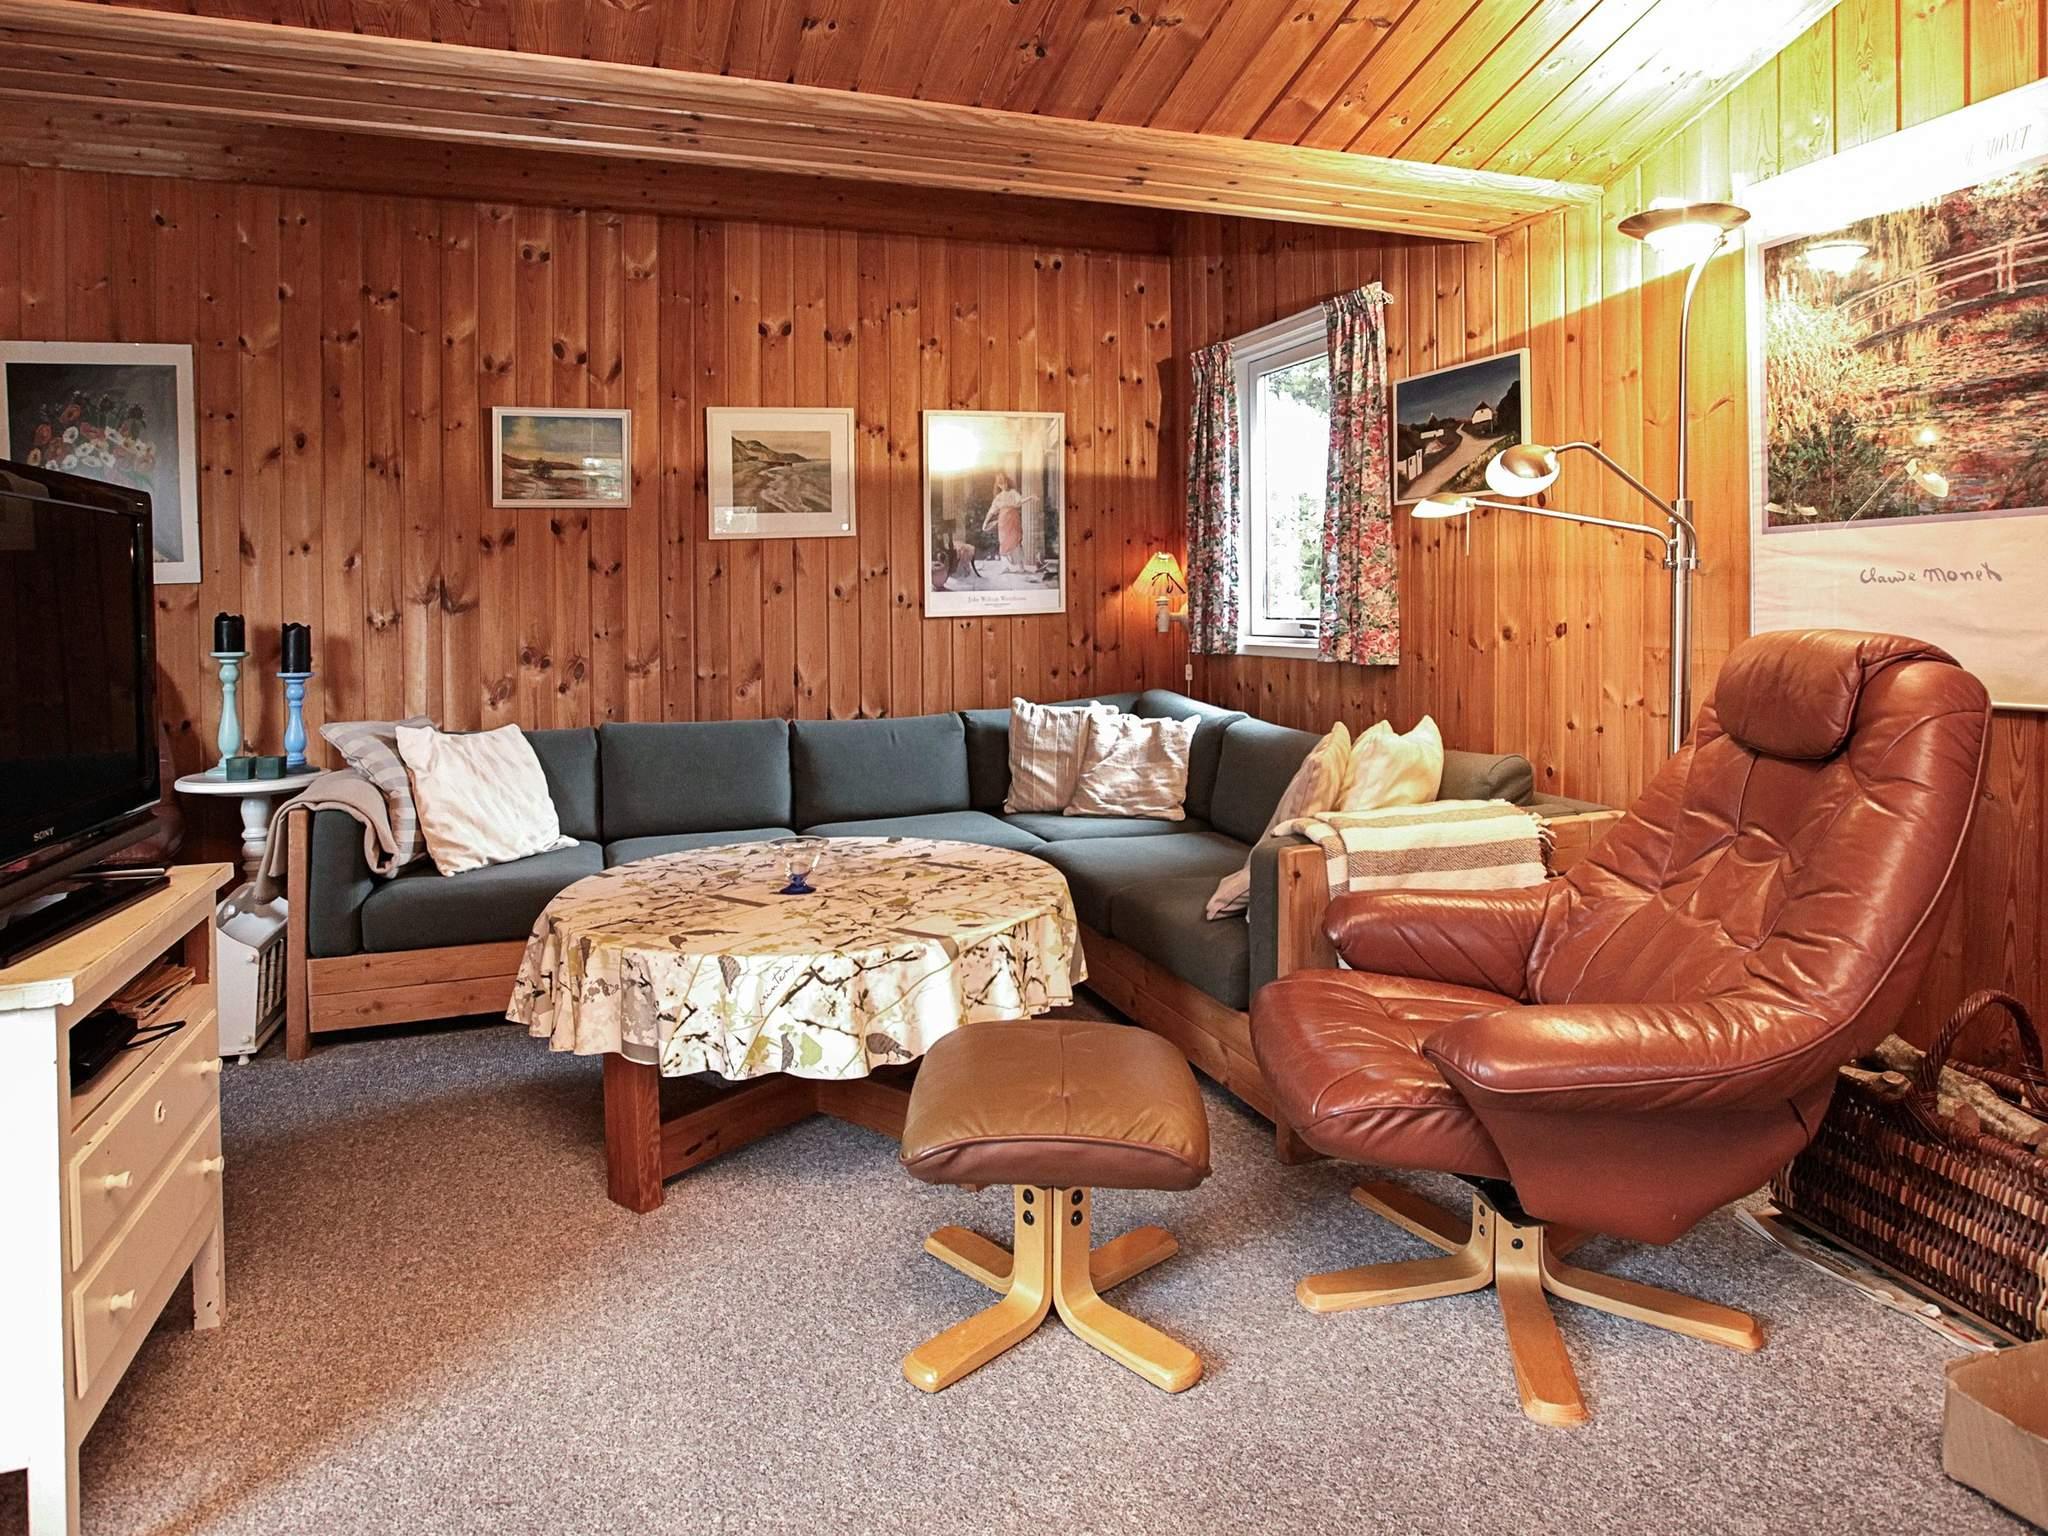 Ferienhaus Kjul Strand (2355604), Hirtshals, , Nordwestjütland, Dänemark, Bild 6